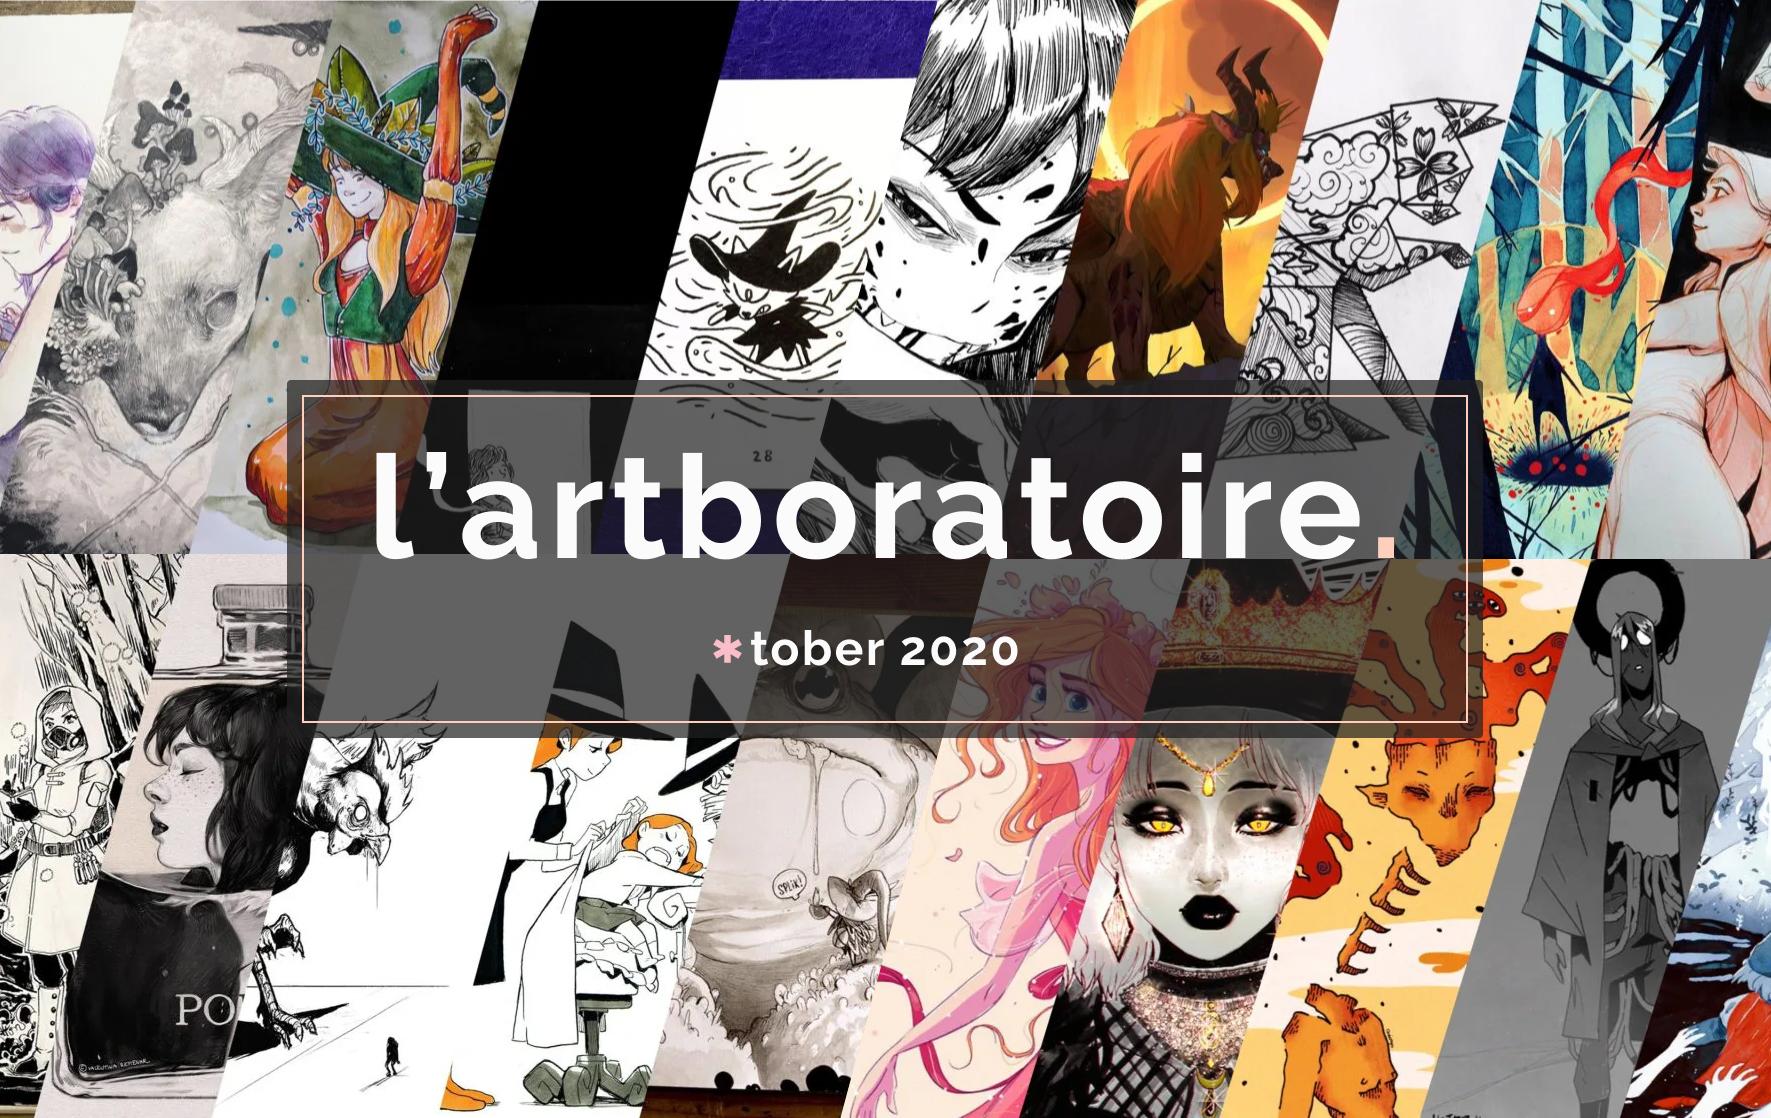 Inktober 2020 – l'artboratoire